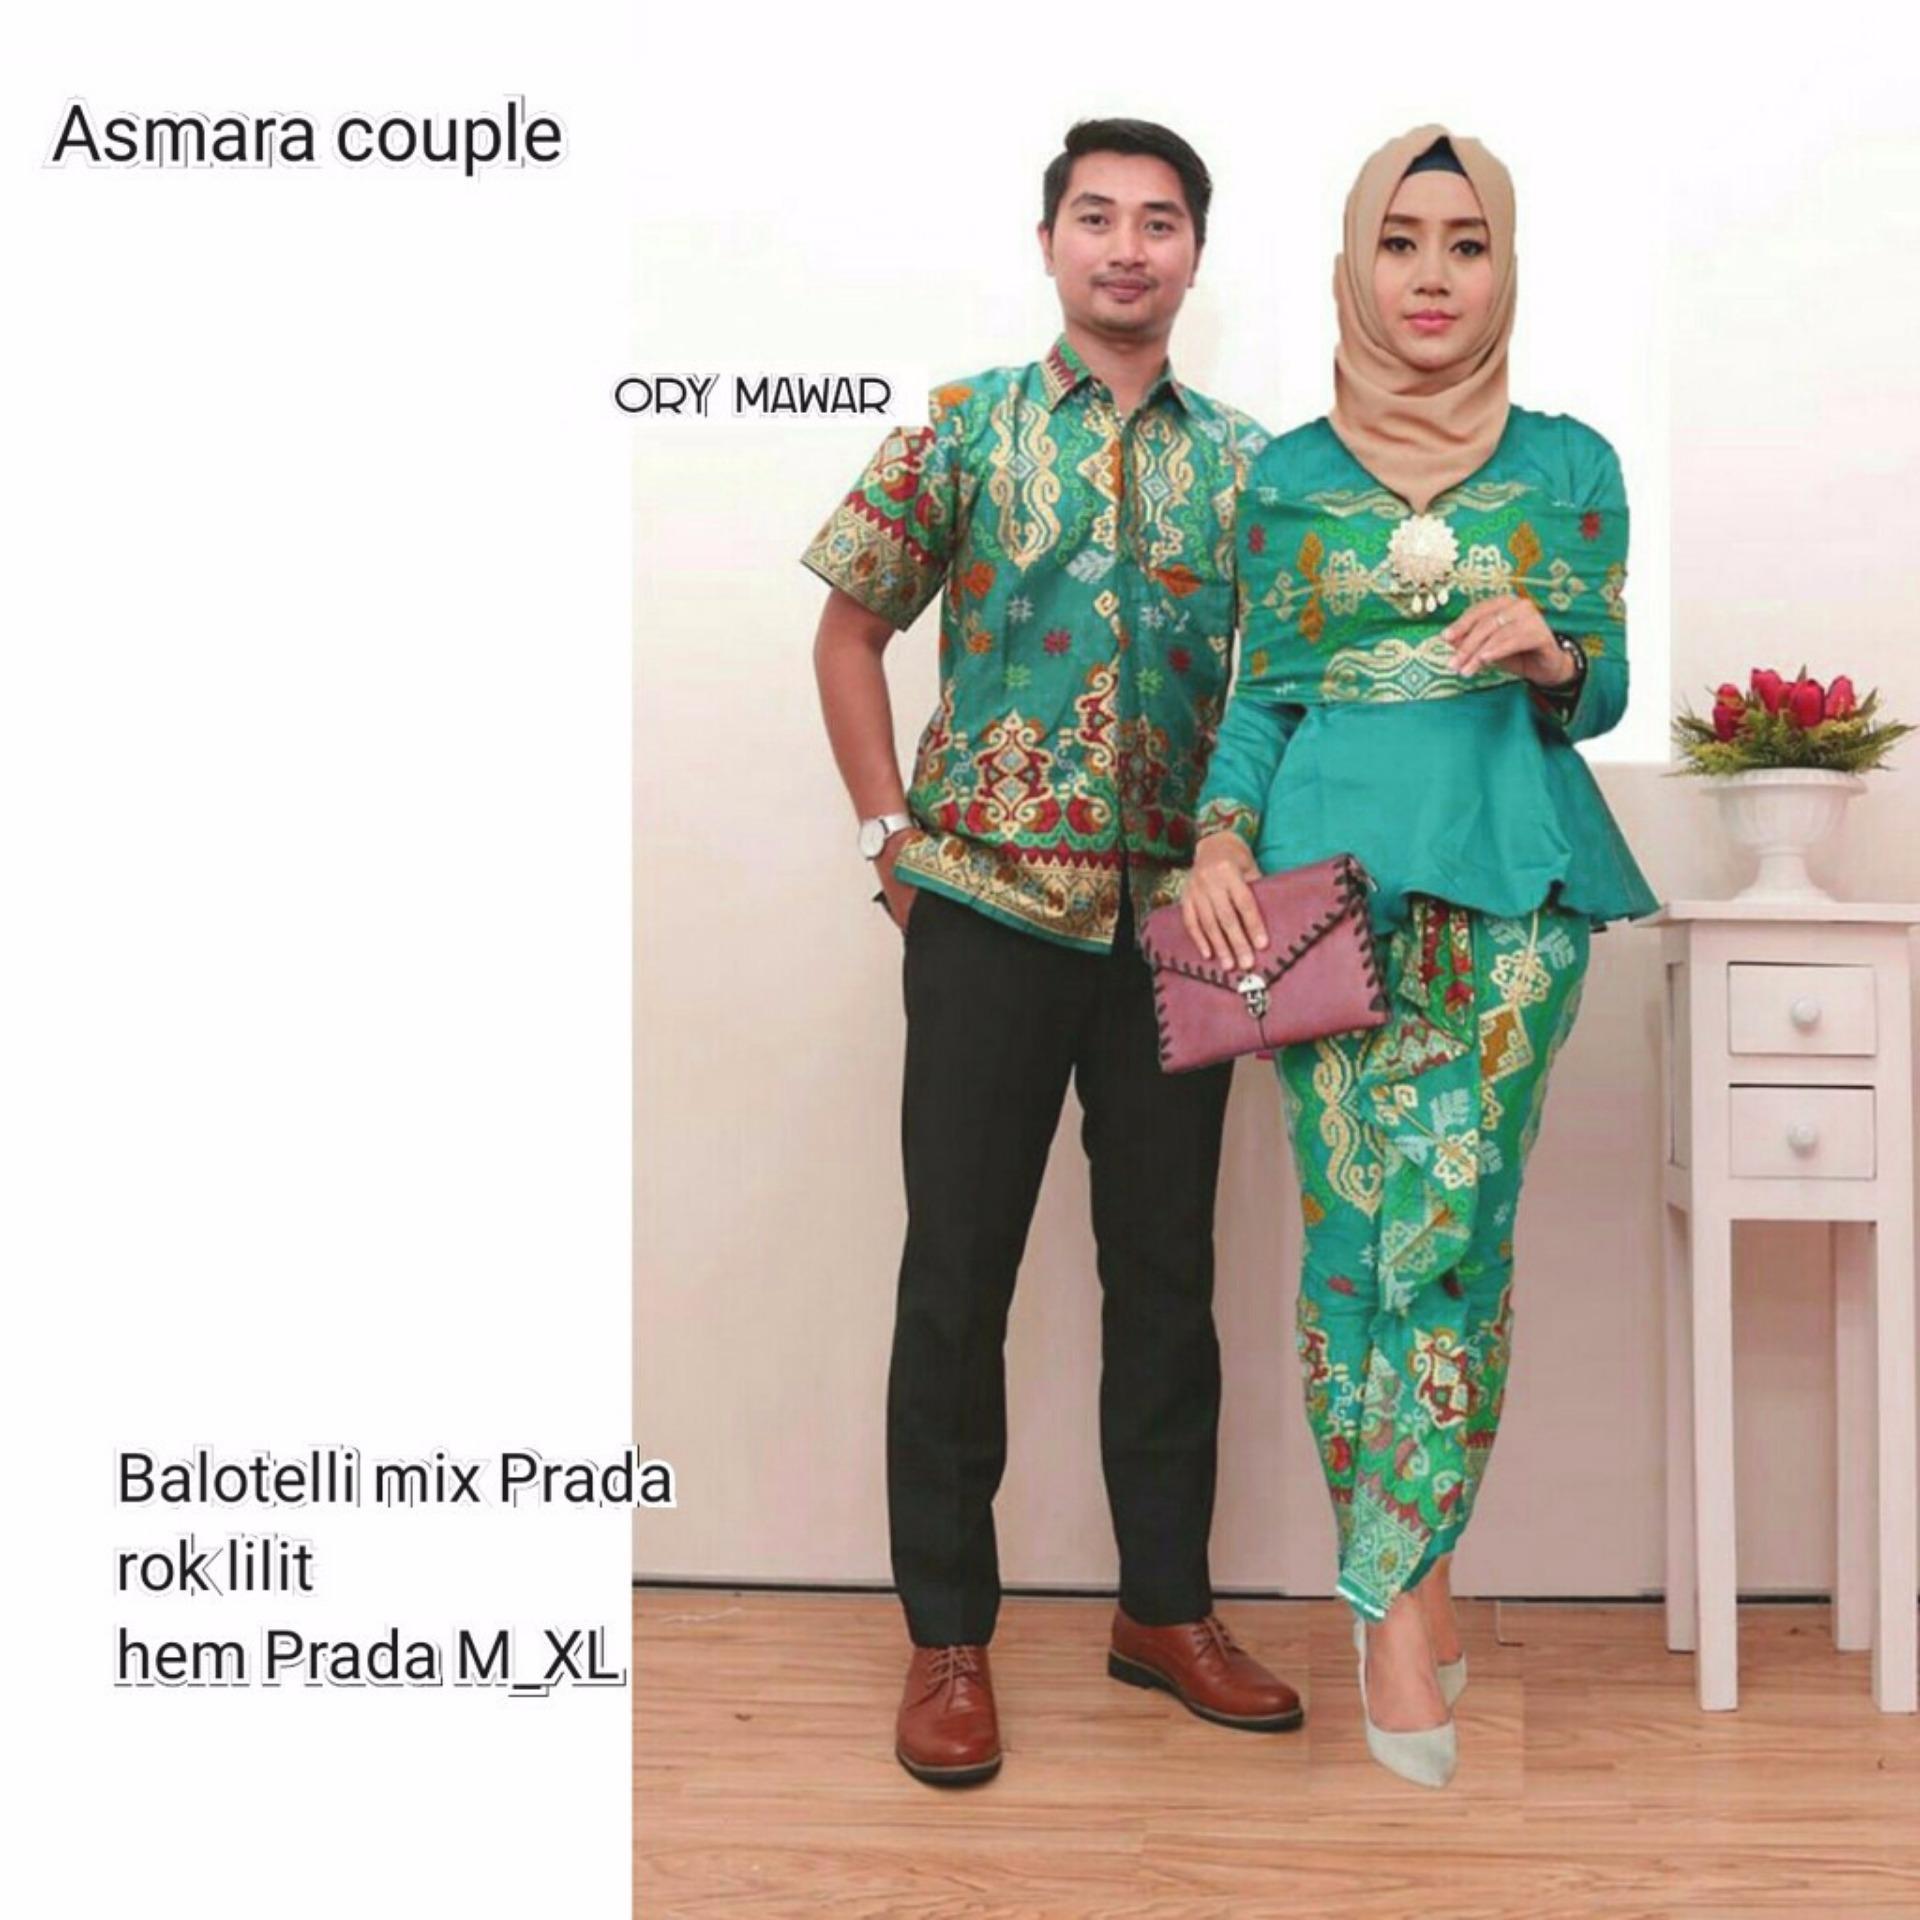 Jual Kemeja Lengan Pendek Hem Batik Hks001 08pxl Welcome To Www 03 06pl 3 Source Couple Sarimbit Pesta